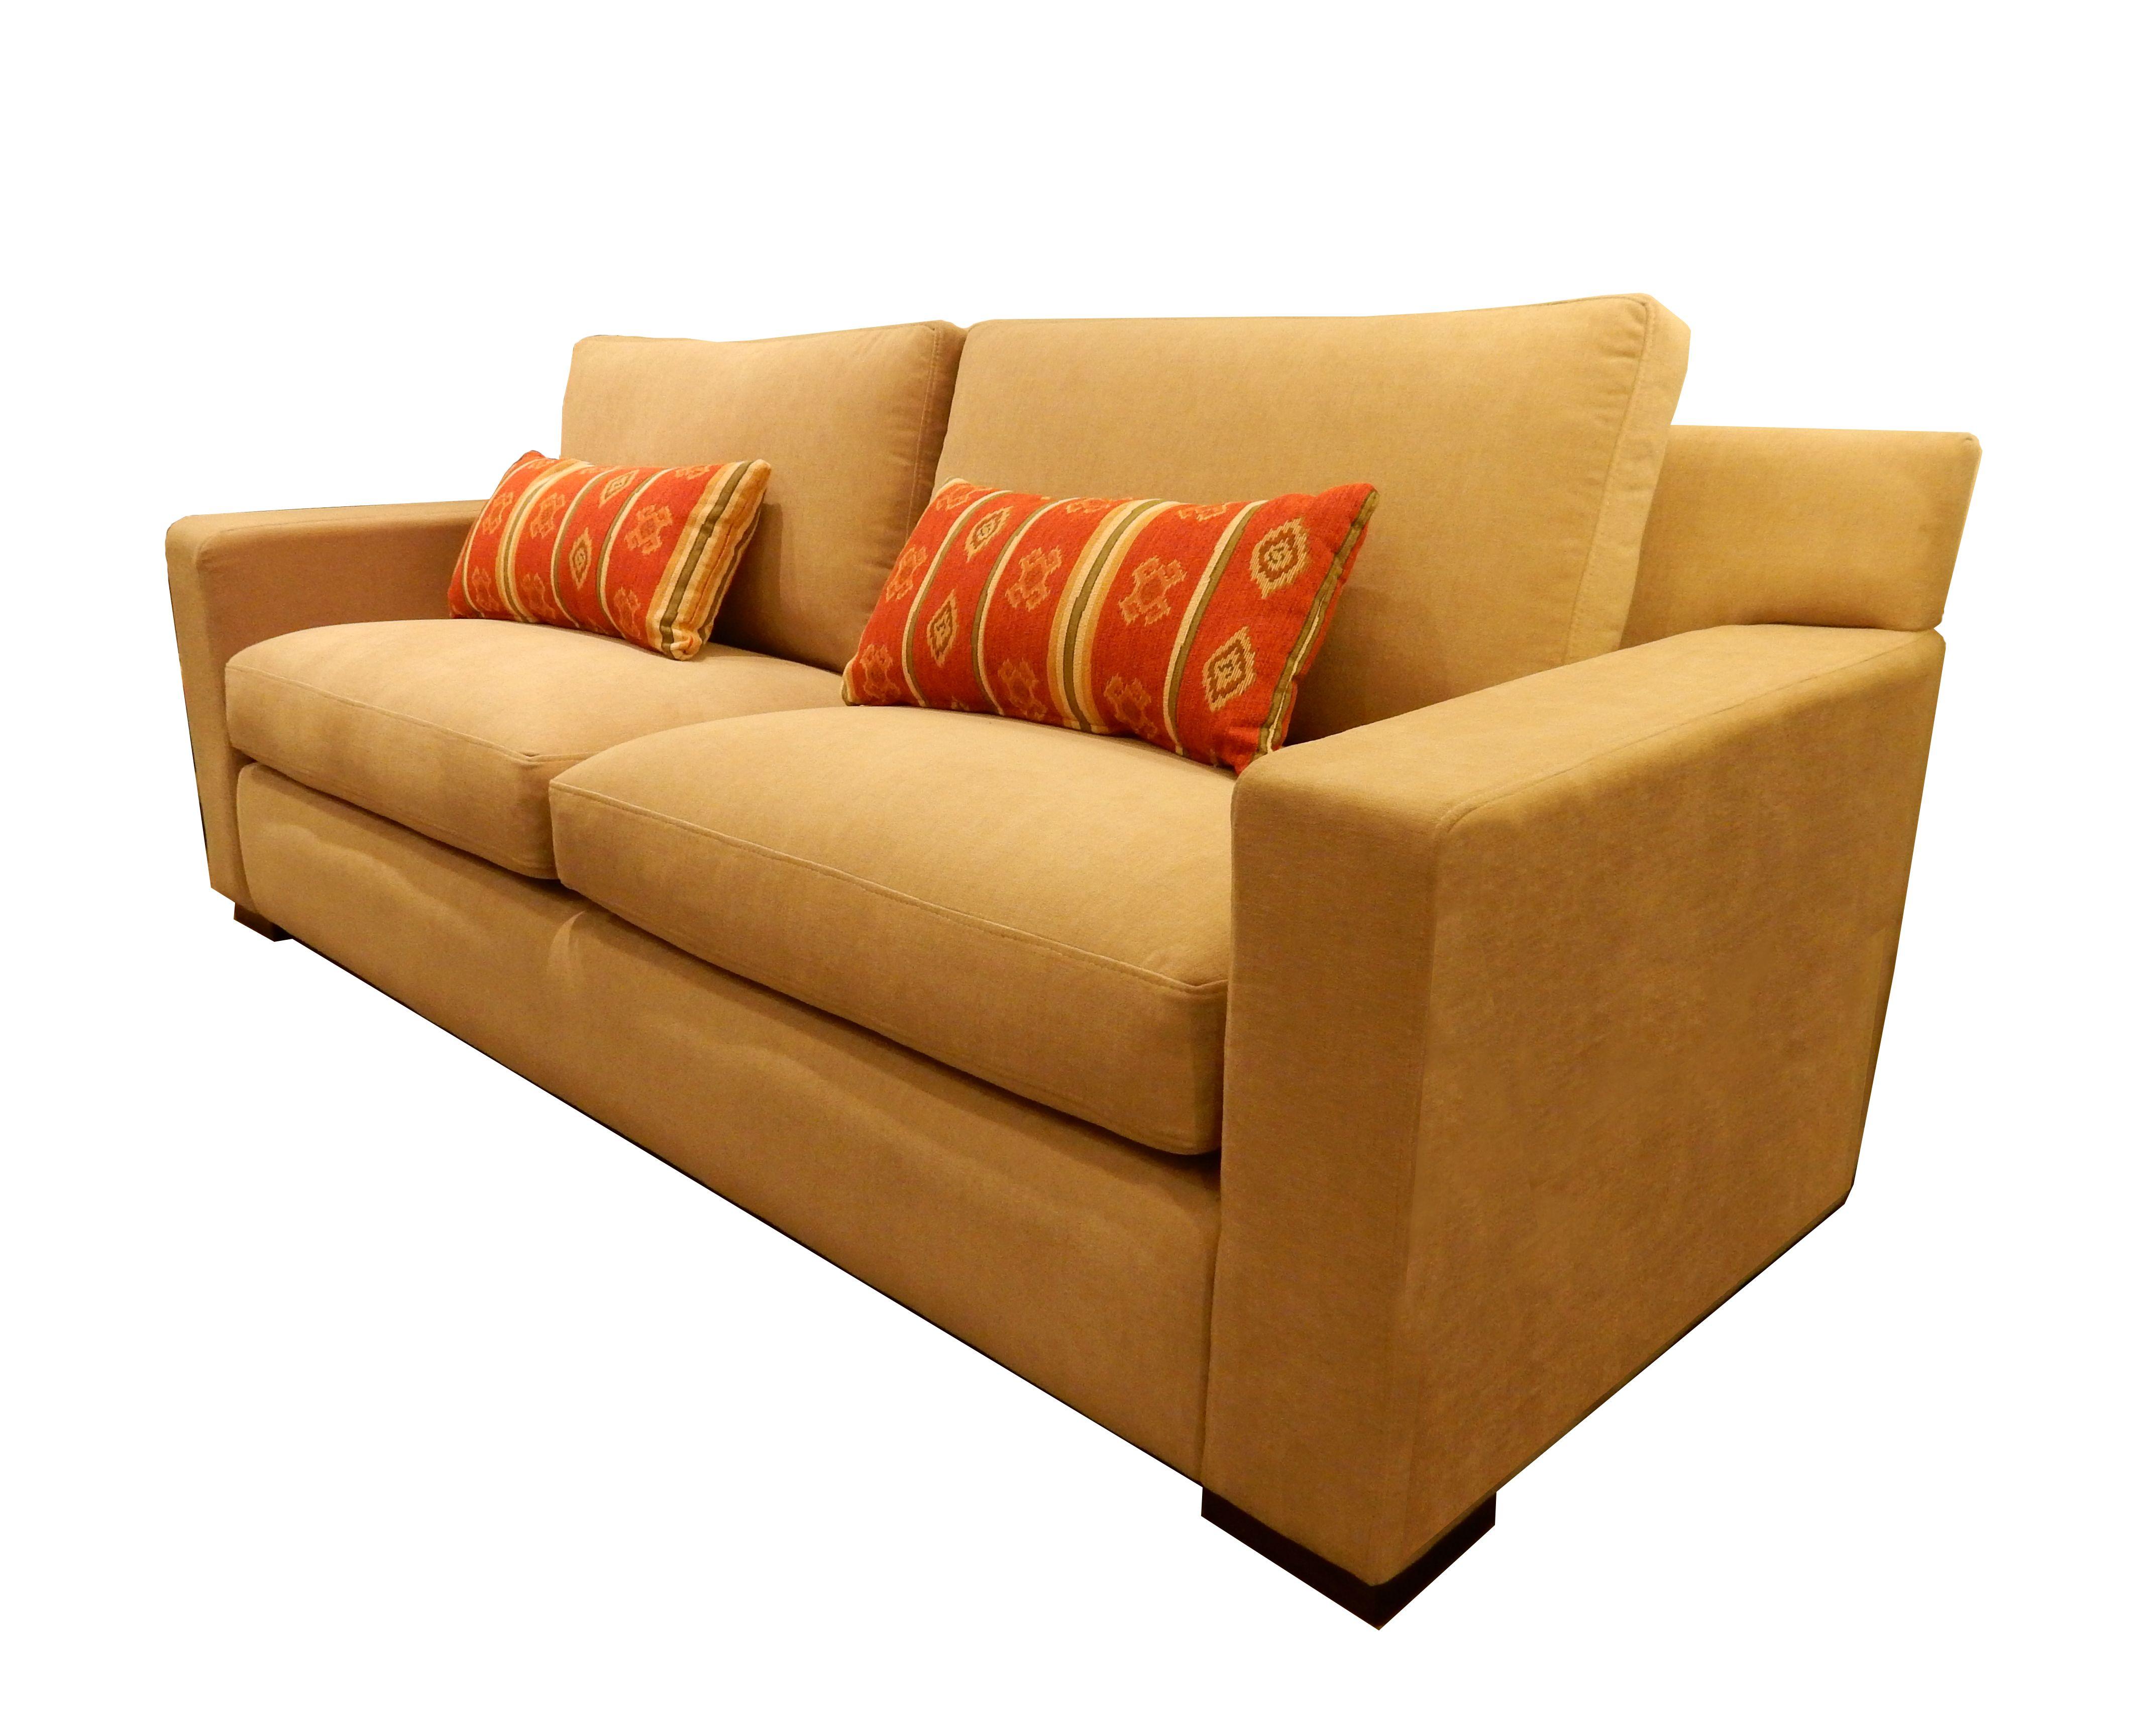 Sof urbano de tres cuerpos tapizado en tela antimanchas - Telas para sofa ...